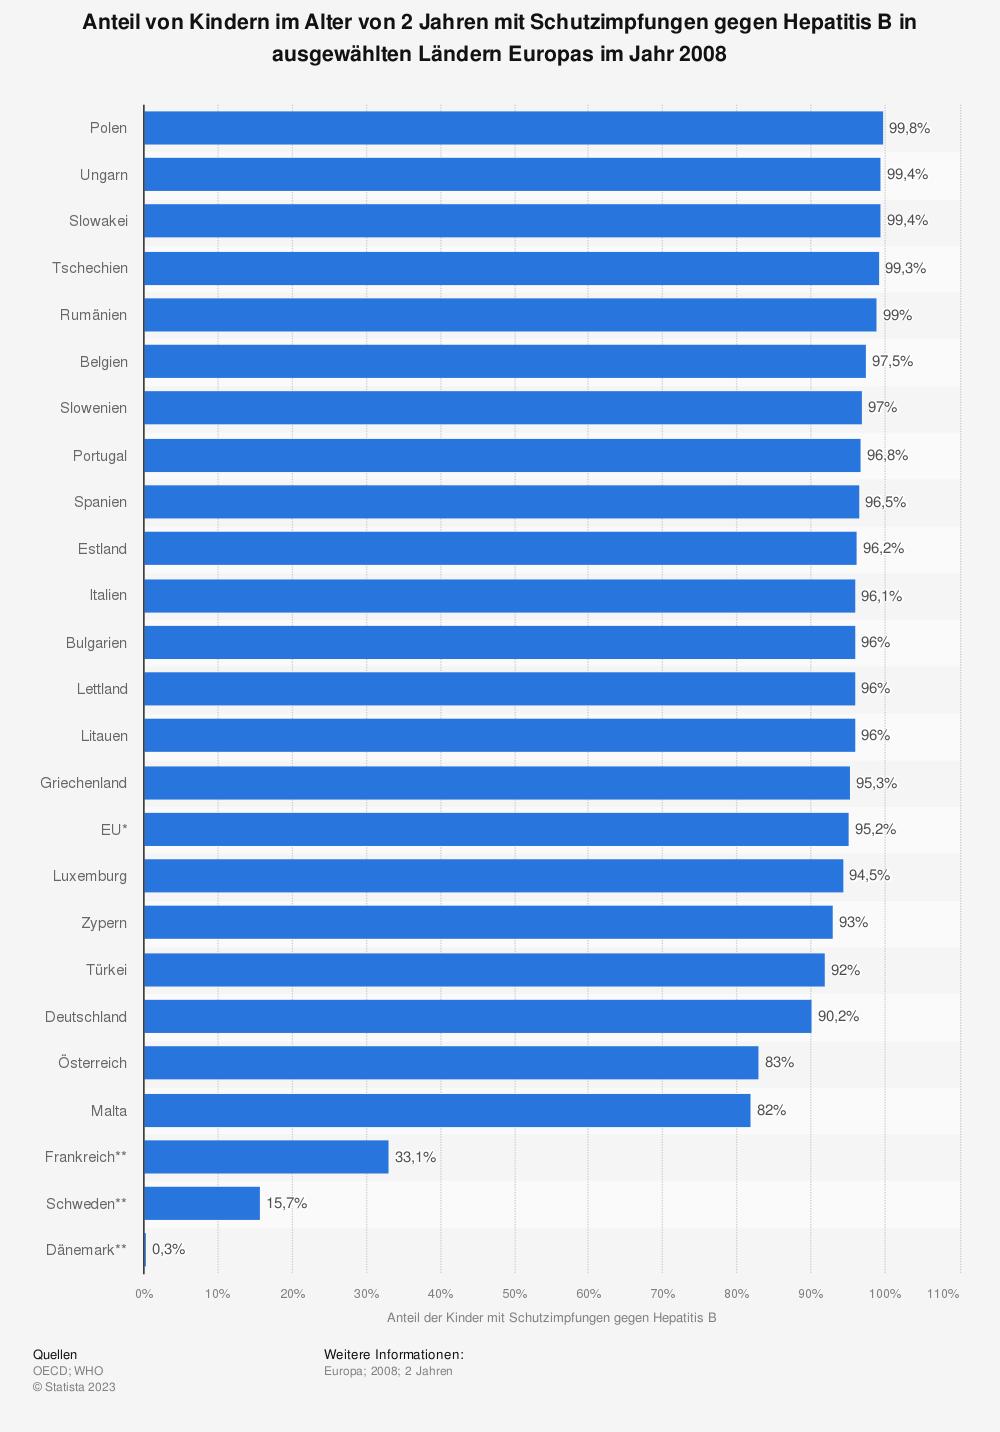 Statistik: Anteil von Kindern im Alter von 2 Jahren mit Schutzimpfungen gegen Hepatitis B in ausgewählten Ländern Europas im Jahr 2008  | Statista